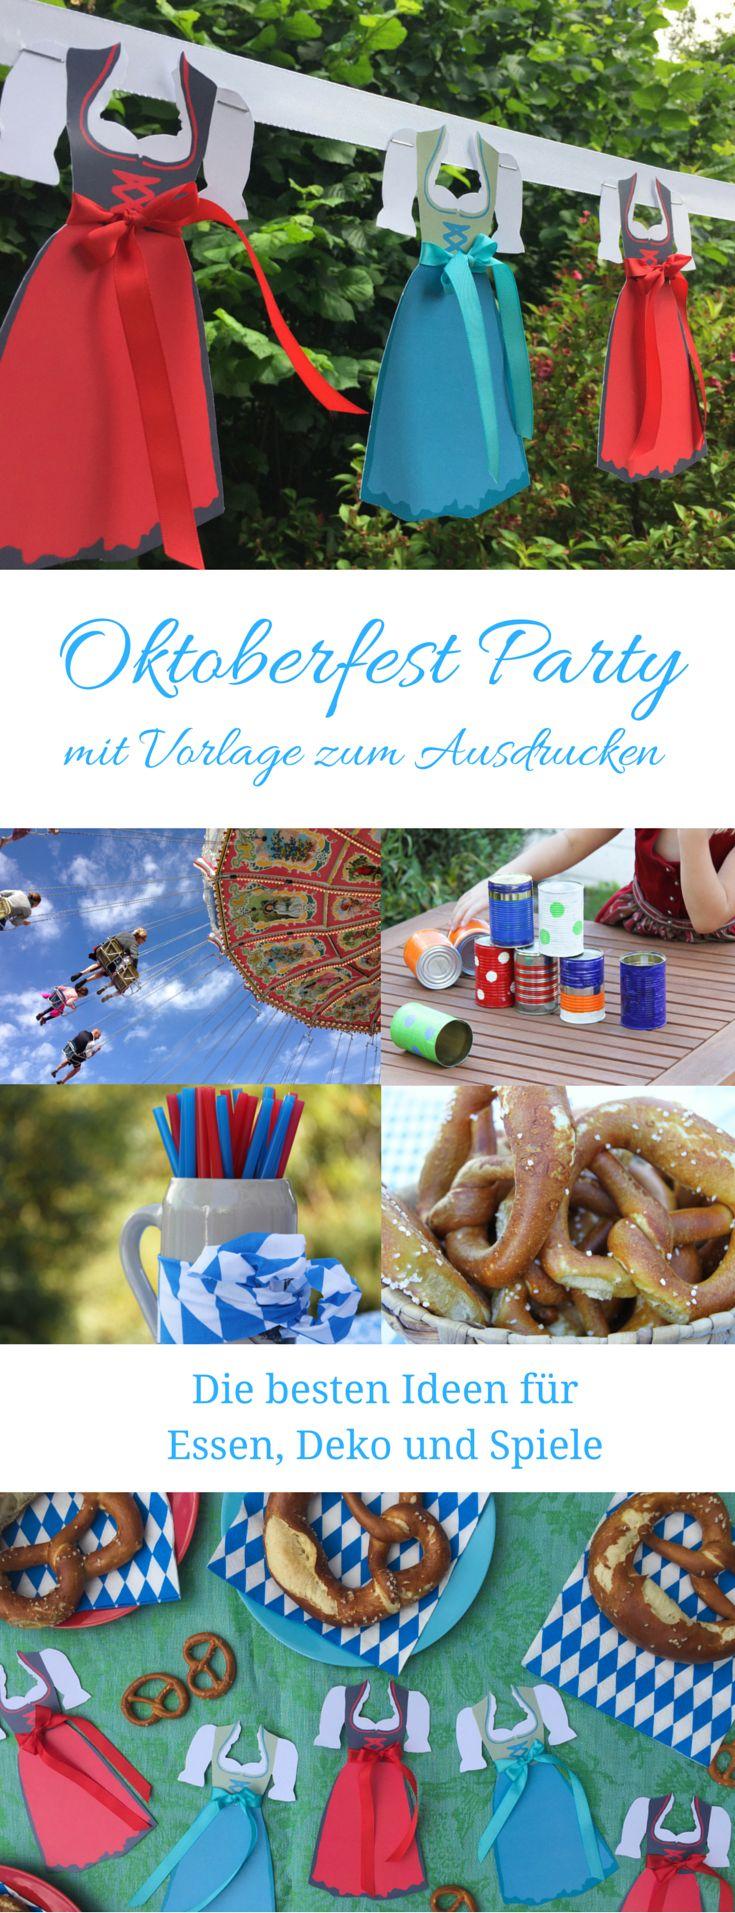 Oktoberfest Dirndl und Partyideen – Kathrin Schneider-Lemke